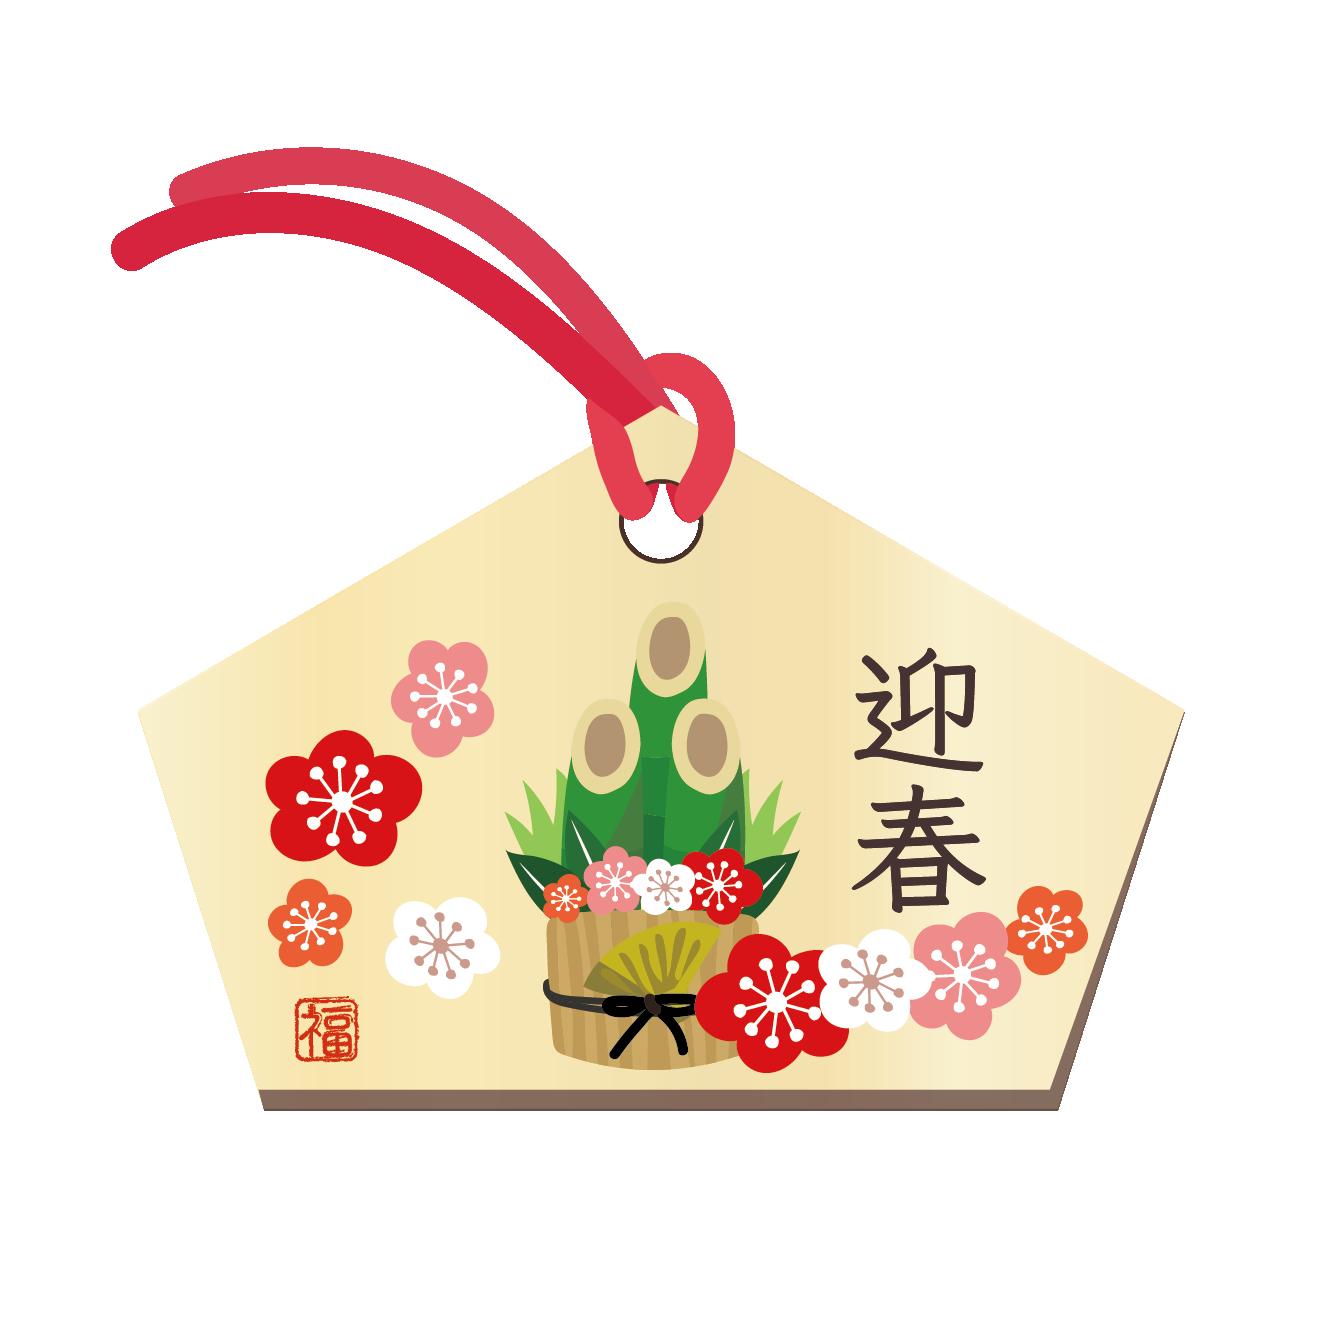 絵馬 正月のイラスト♪門松に梅 | 商用フリー(無料)のイラスト素材なら